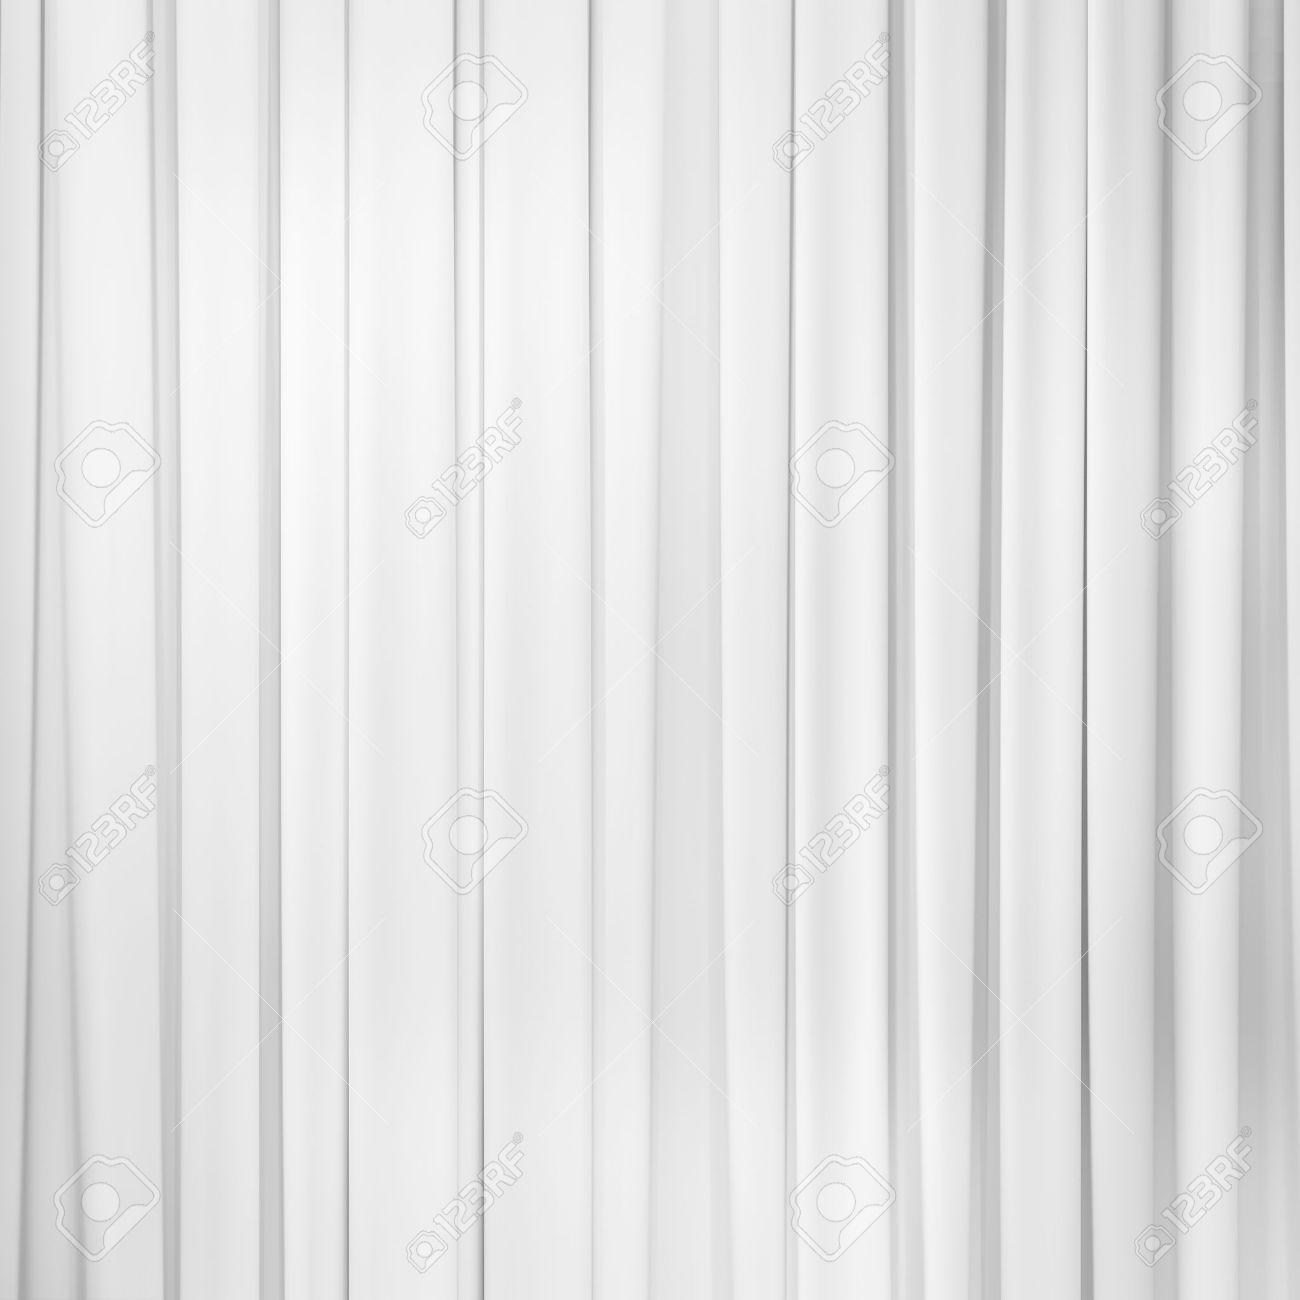 Rideau Blanc Ou Des Rideaux De Fond Banque D Et s